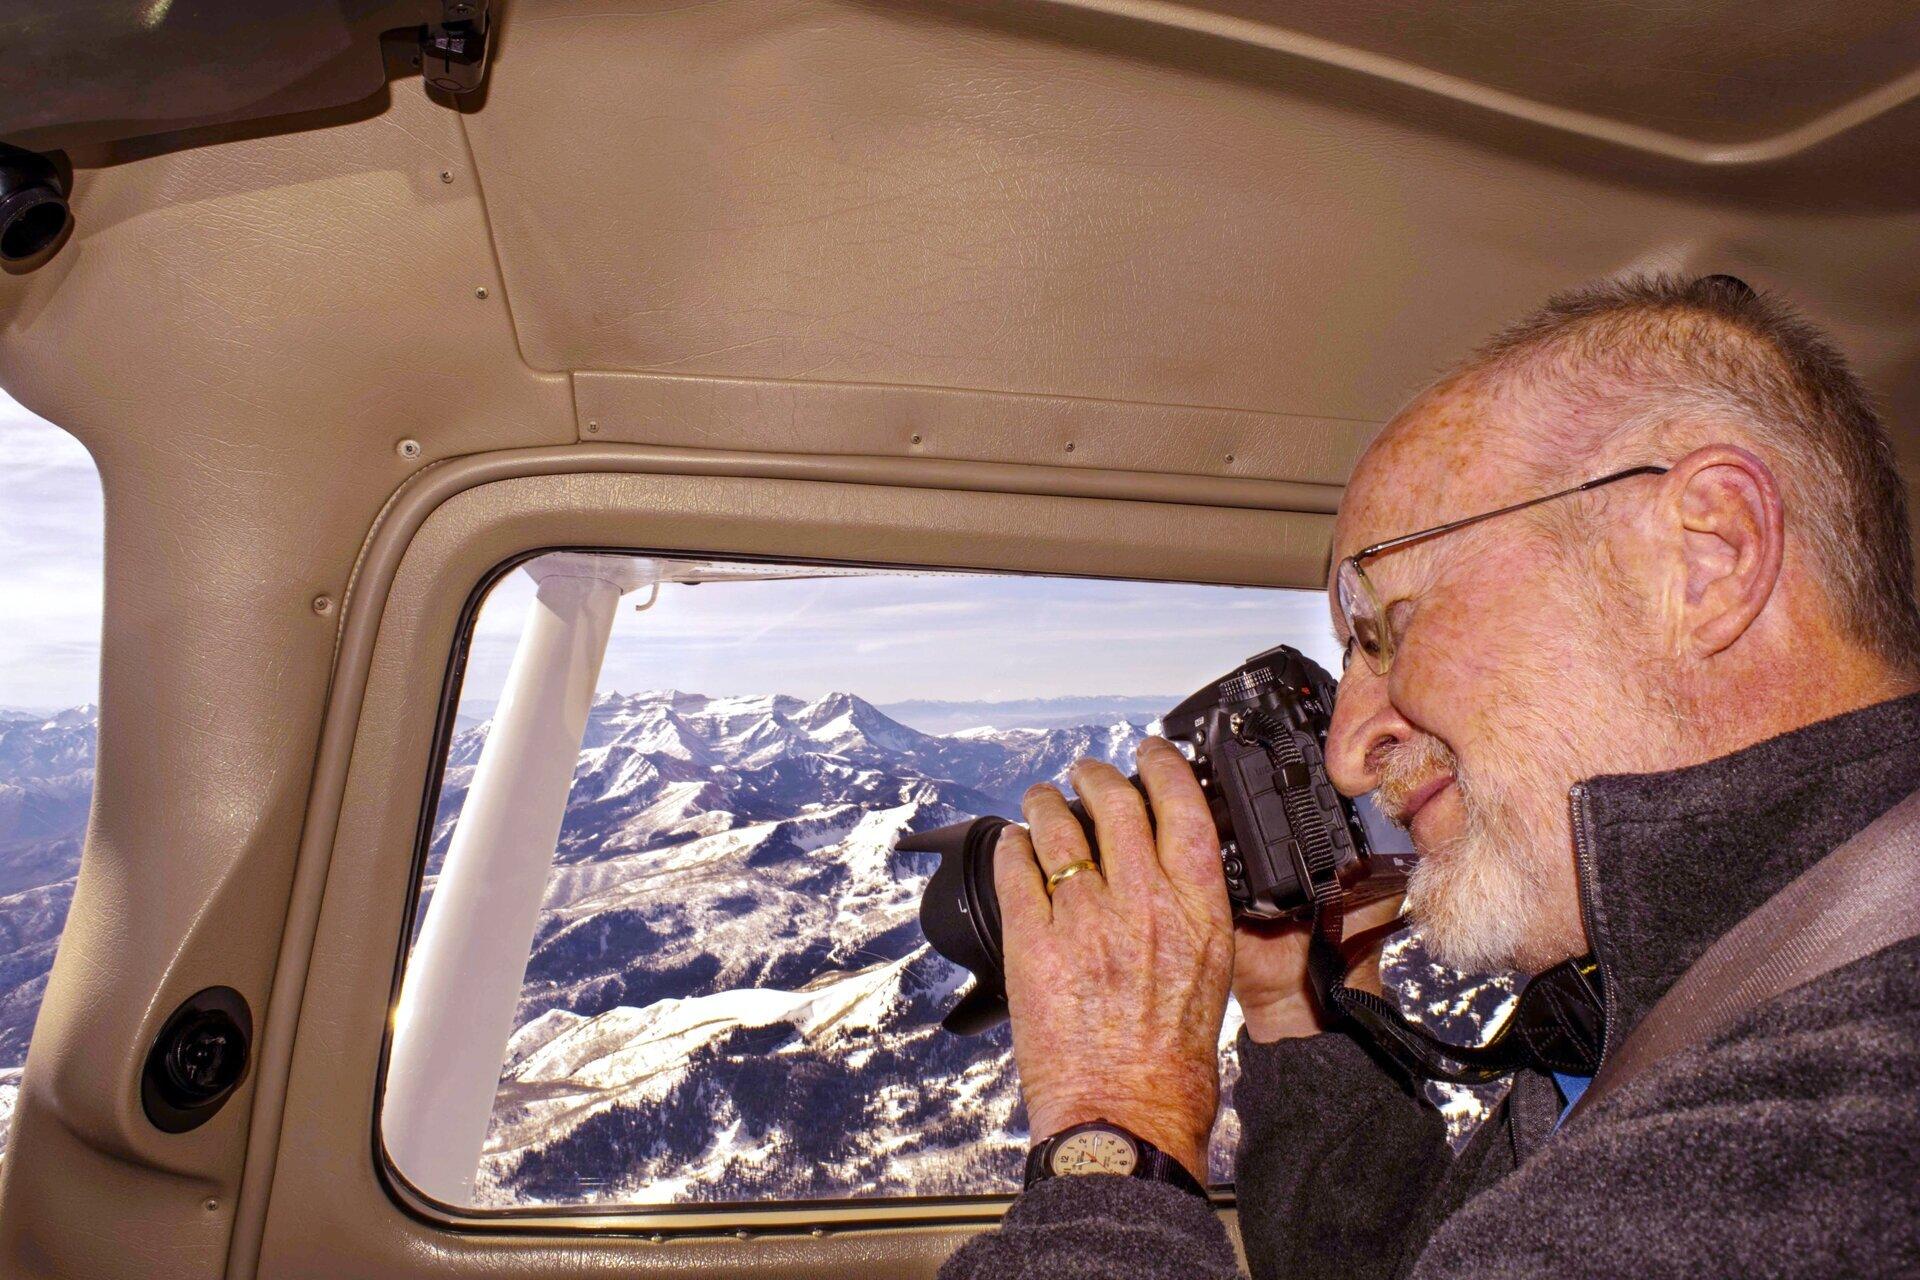 James Niehues The Man Behind The Ski Maps MeInPlaneAlpsMeters.jpg